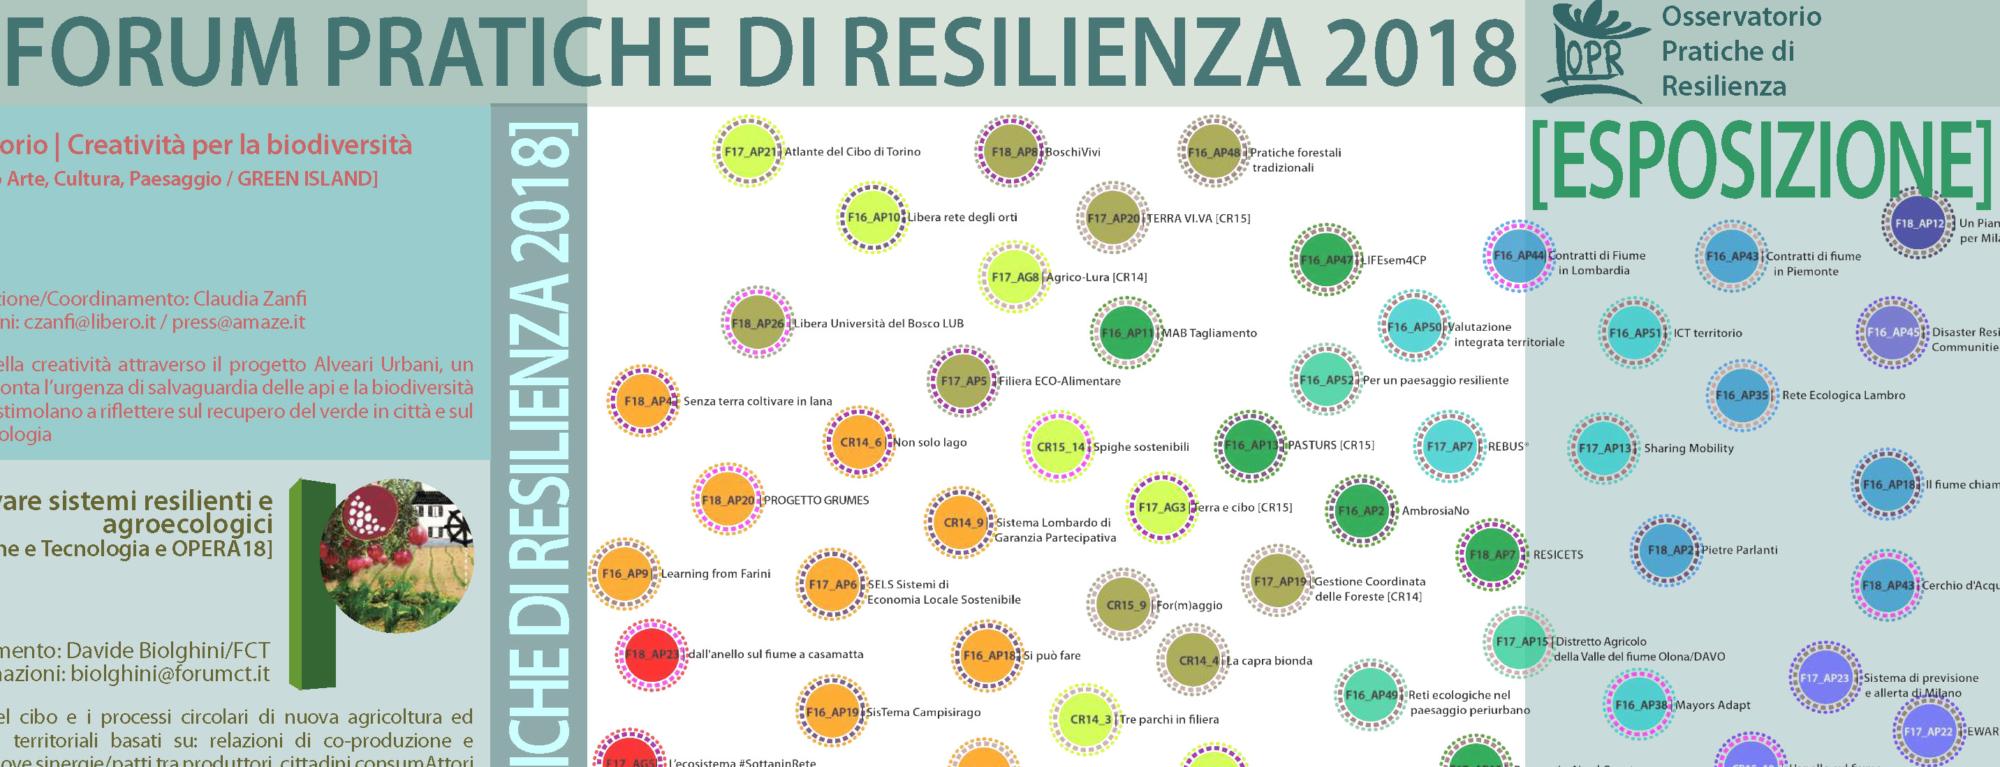 forum pratiche di resilienza 2018